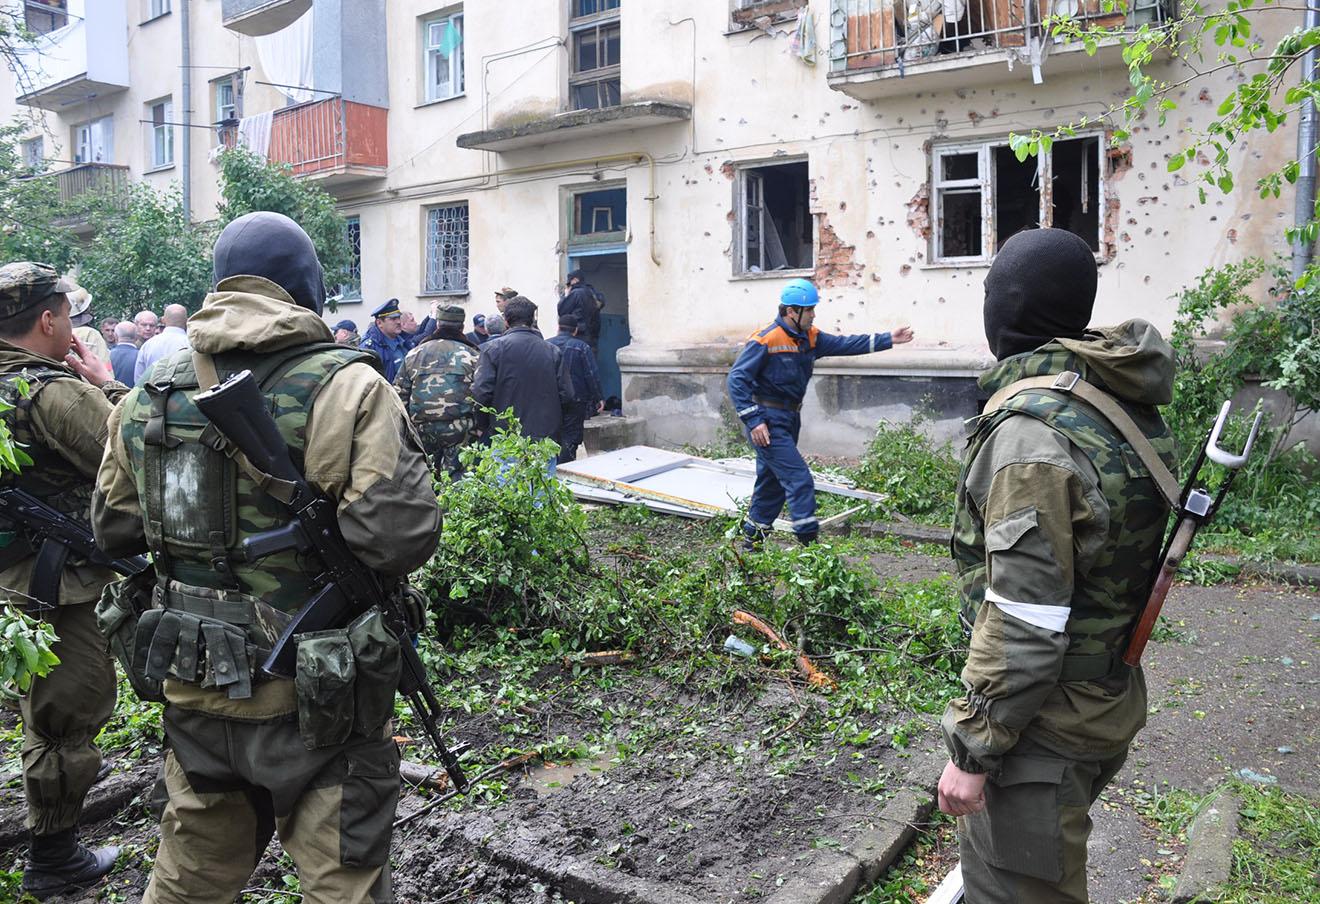 На месте спецоперации по нейтрализации боевиков, скрывавшихся в жилом доме, Нальчик, 2009 год.